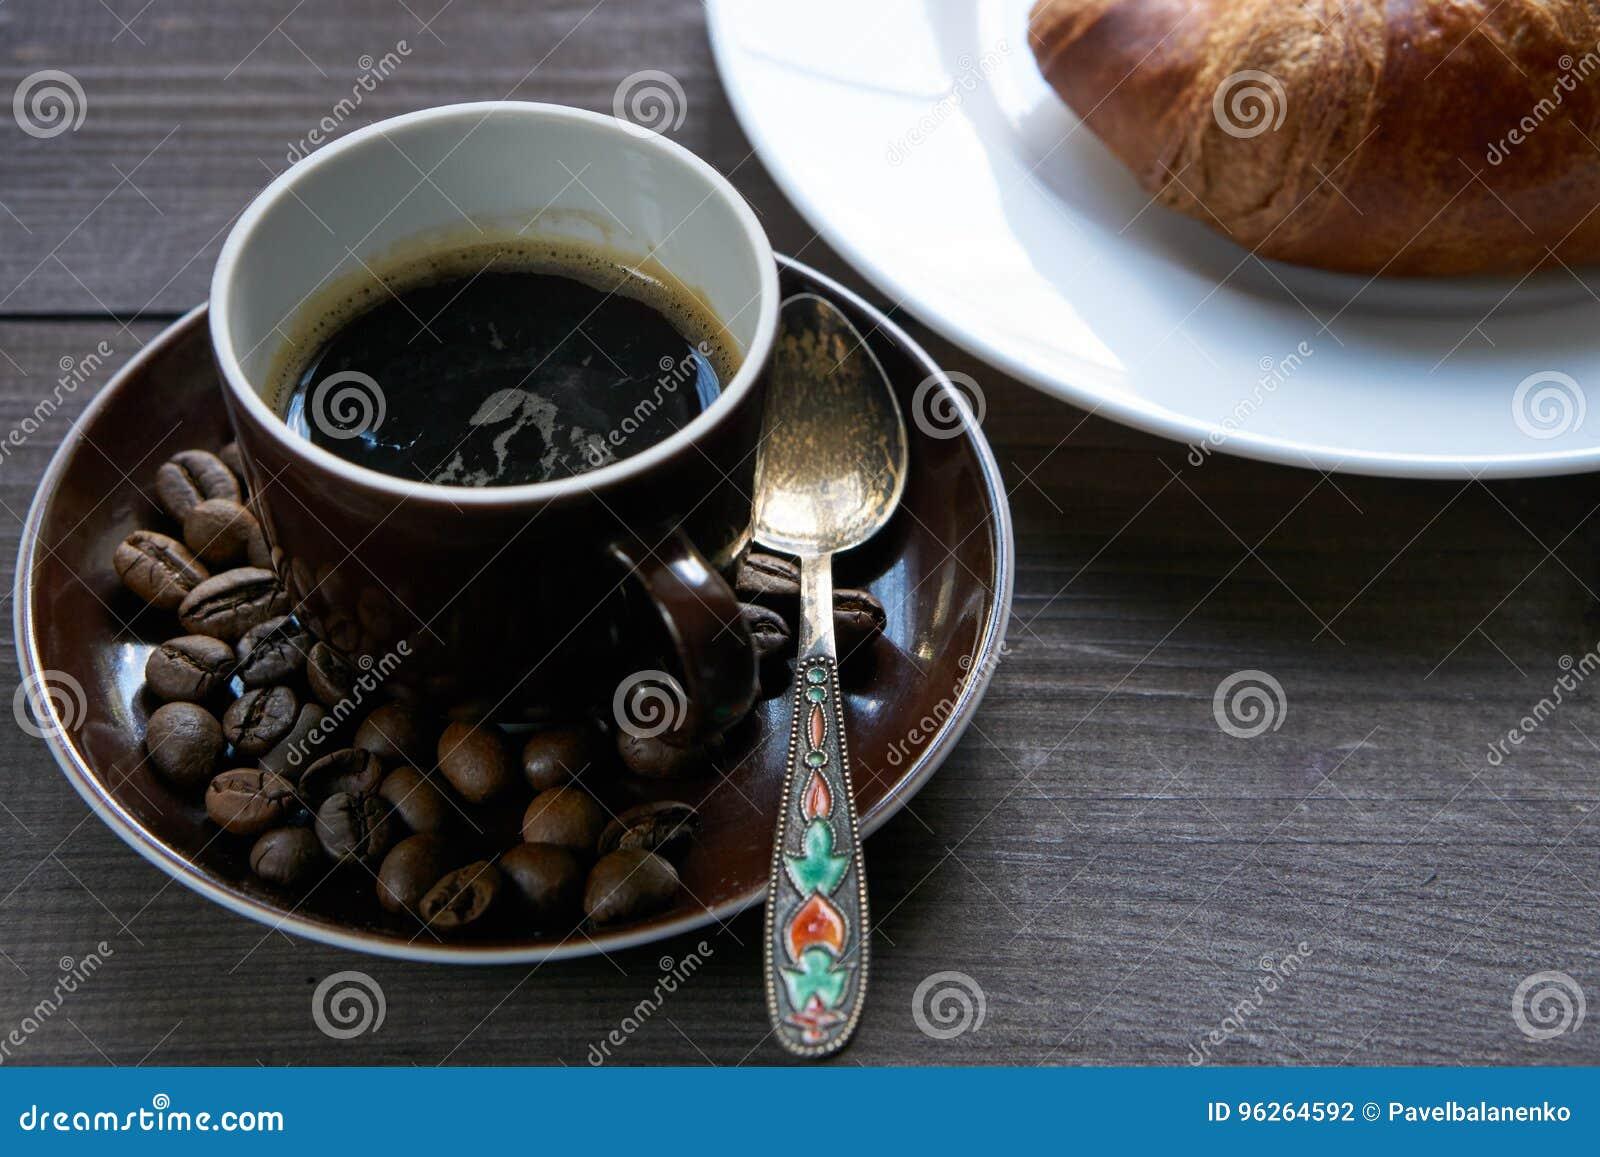 Morgenfrühstück Für Einen Guten Morgen Ist Ein Hörnchen Und